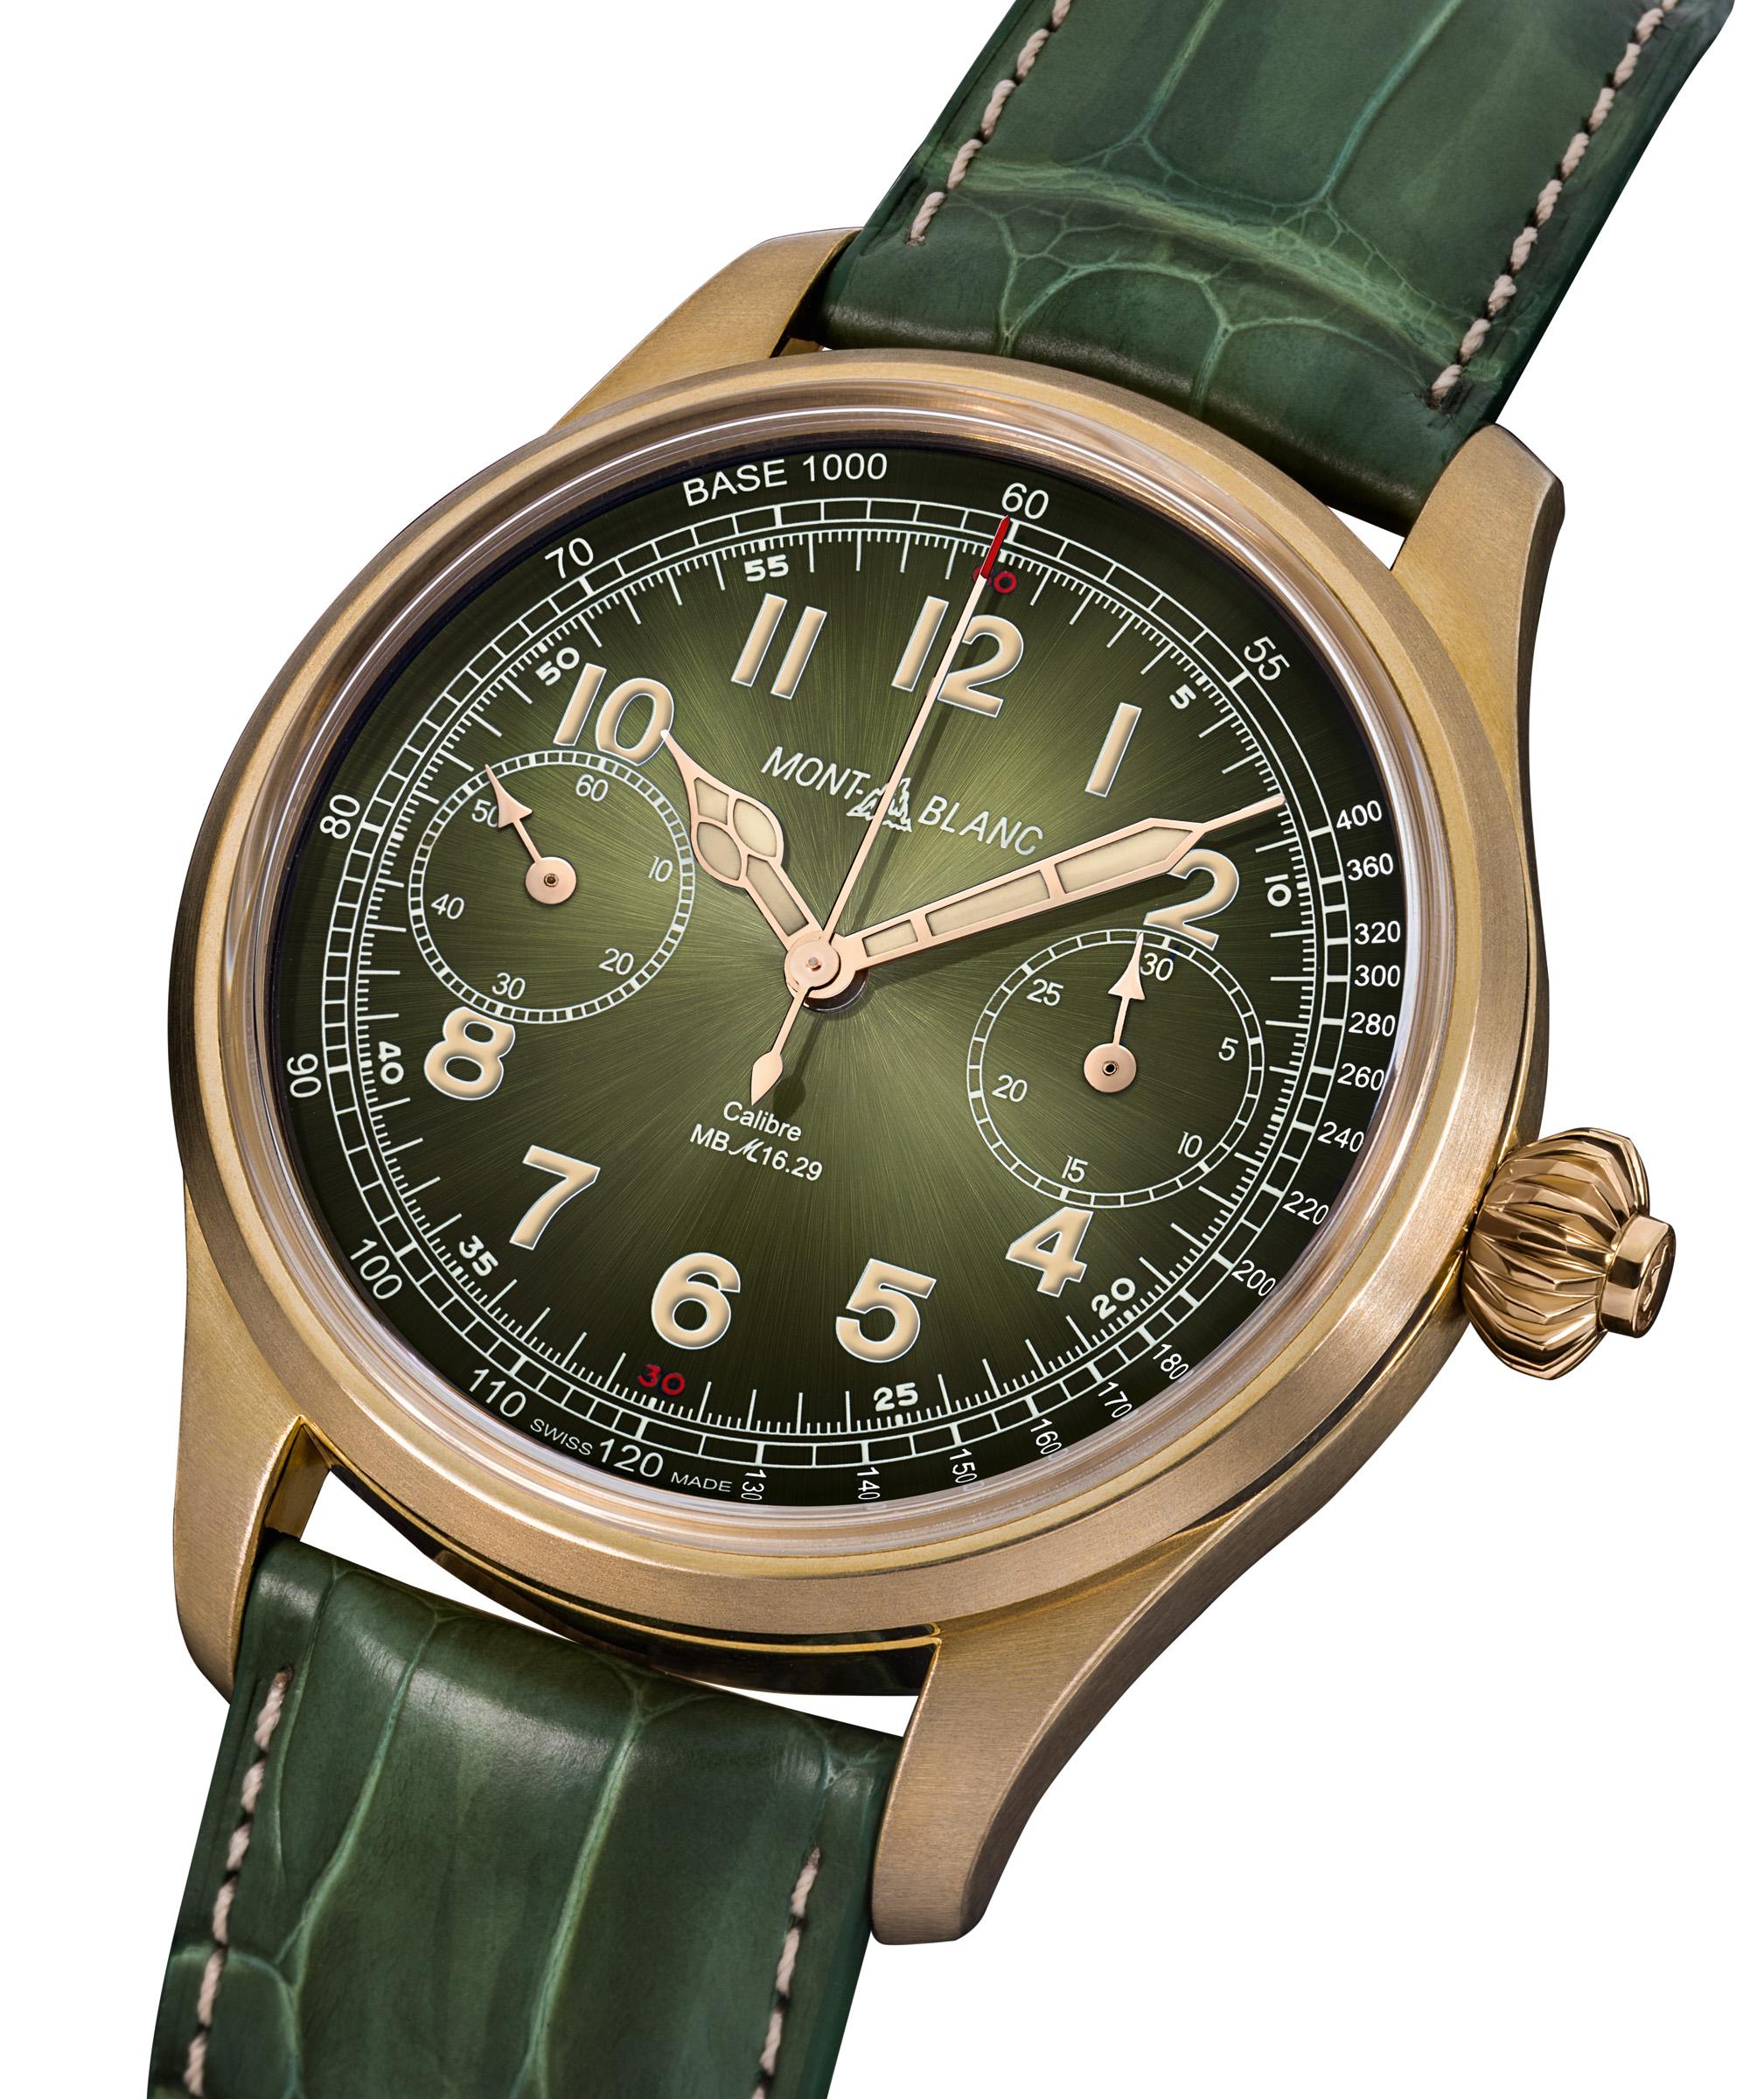 ساعة مون بلان 1858 كرونوغراف تاكيمتر قطعة فريدة - أونلي ووتش 2017